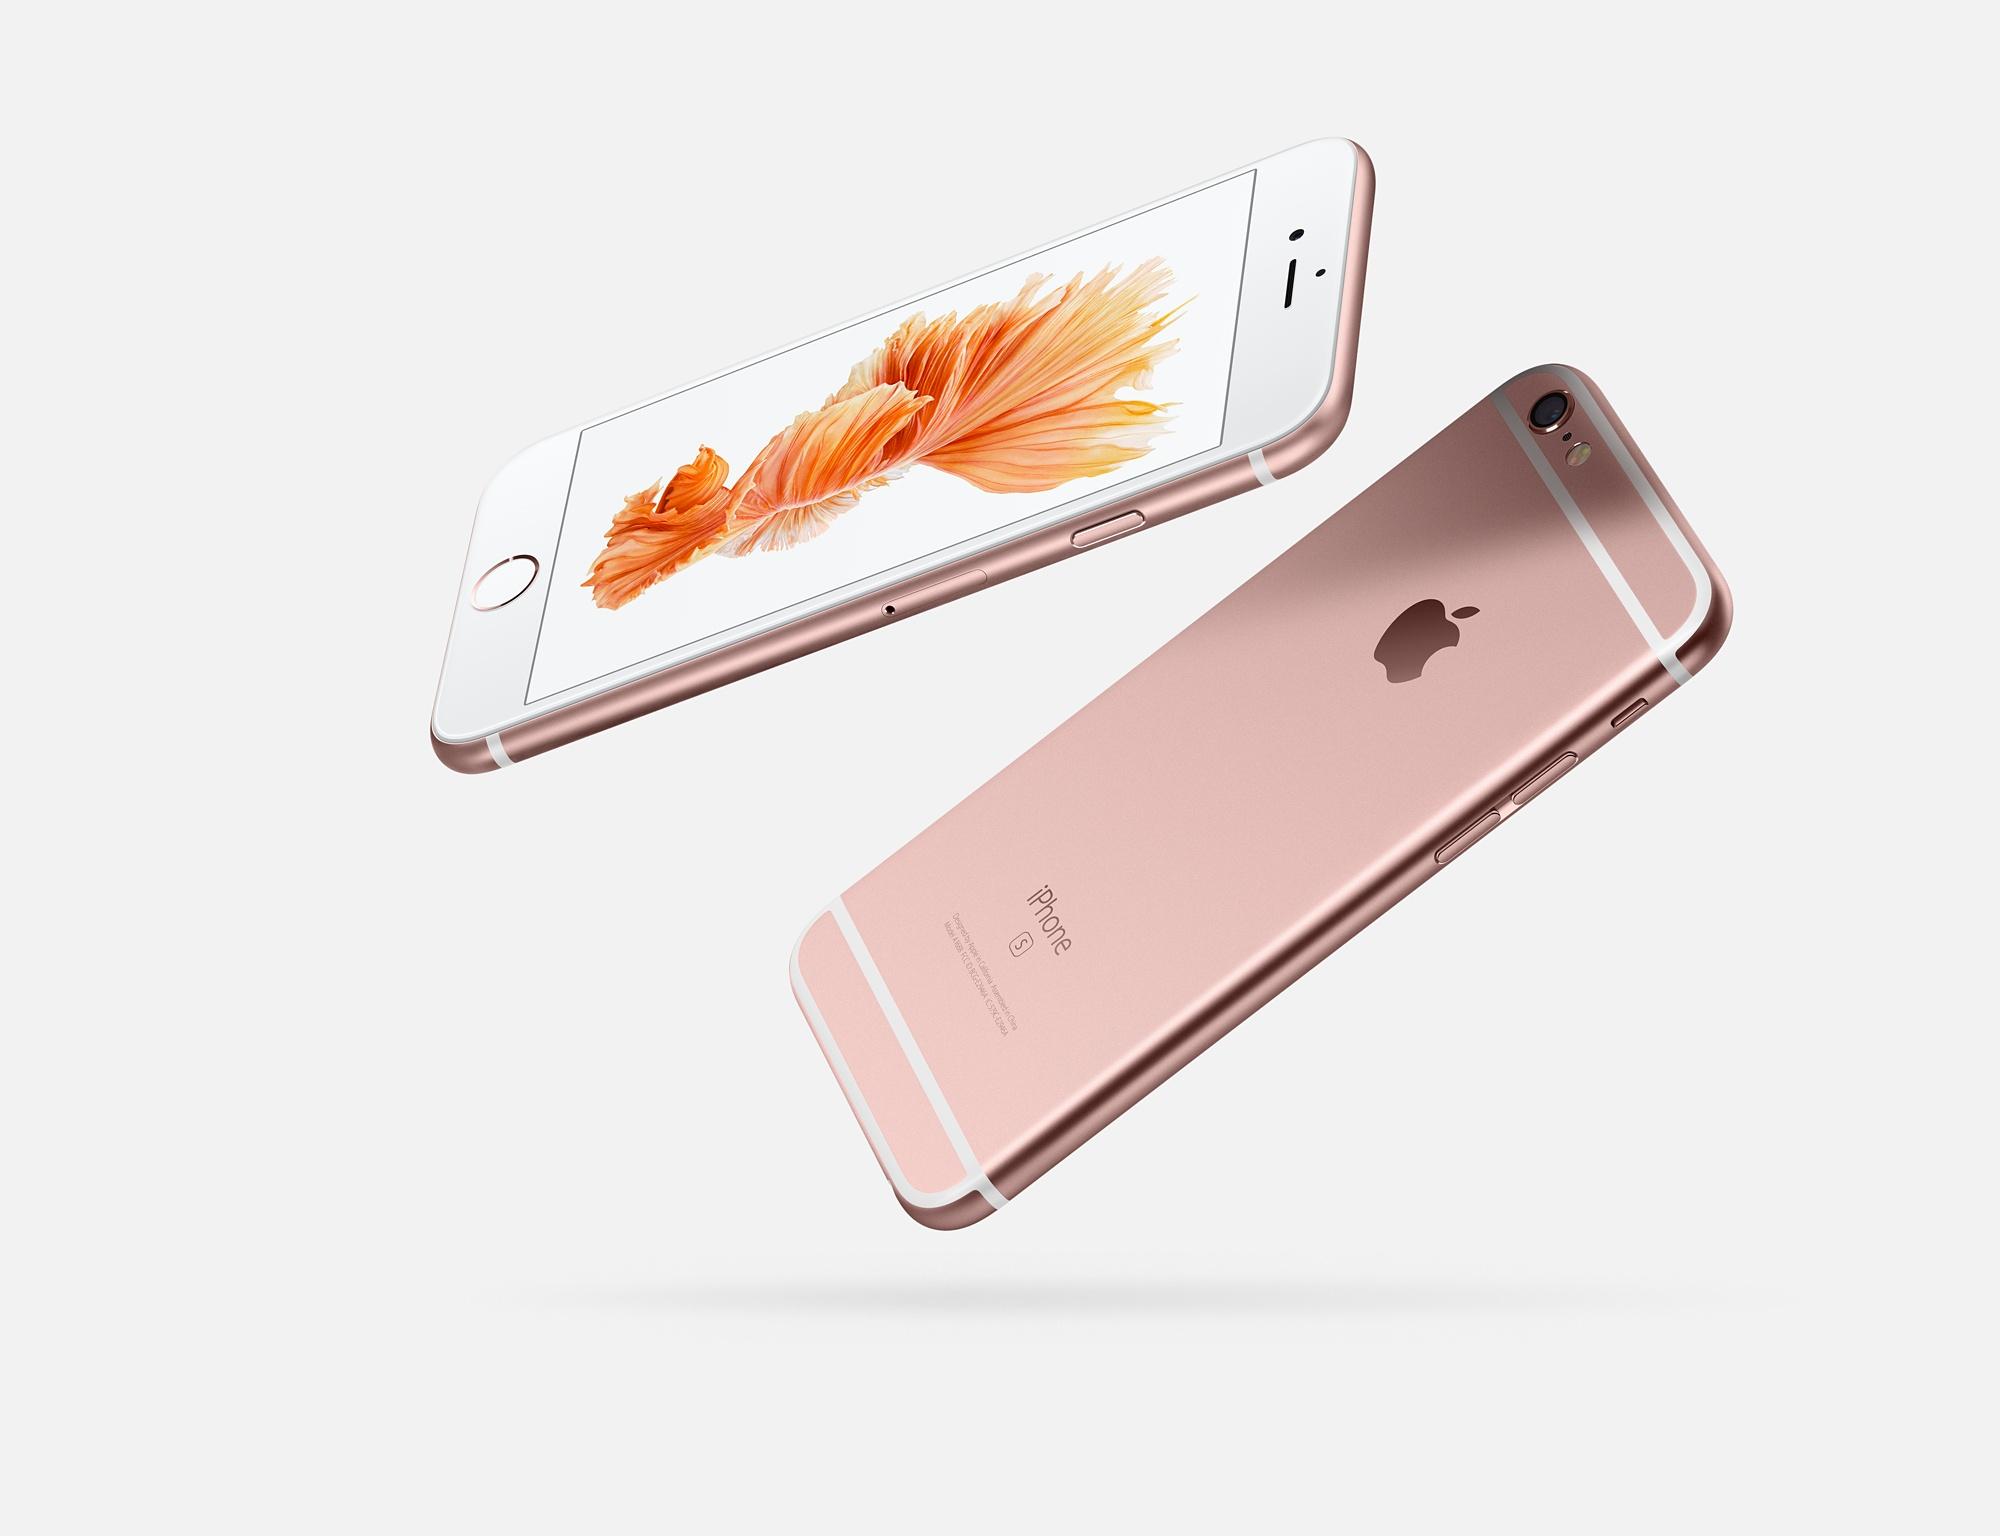 (Image courtesy: Apple Inc.)